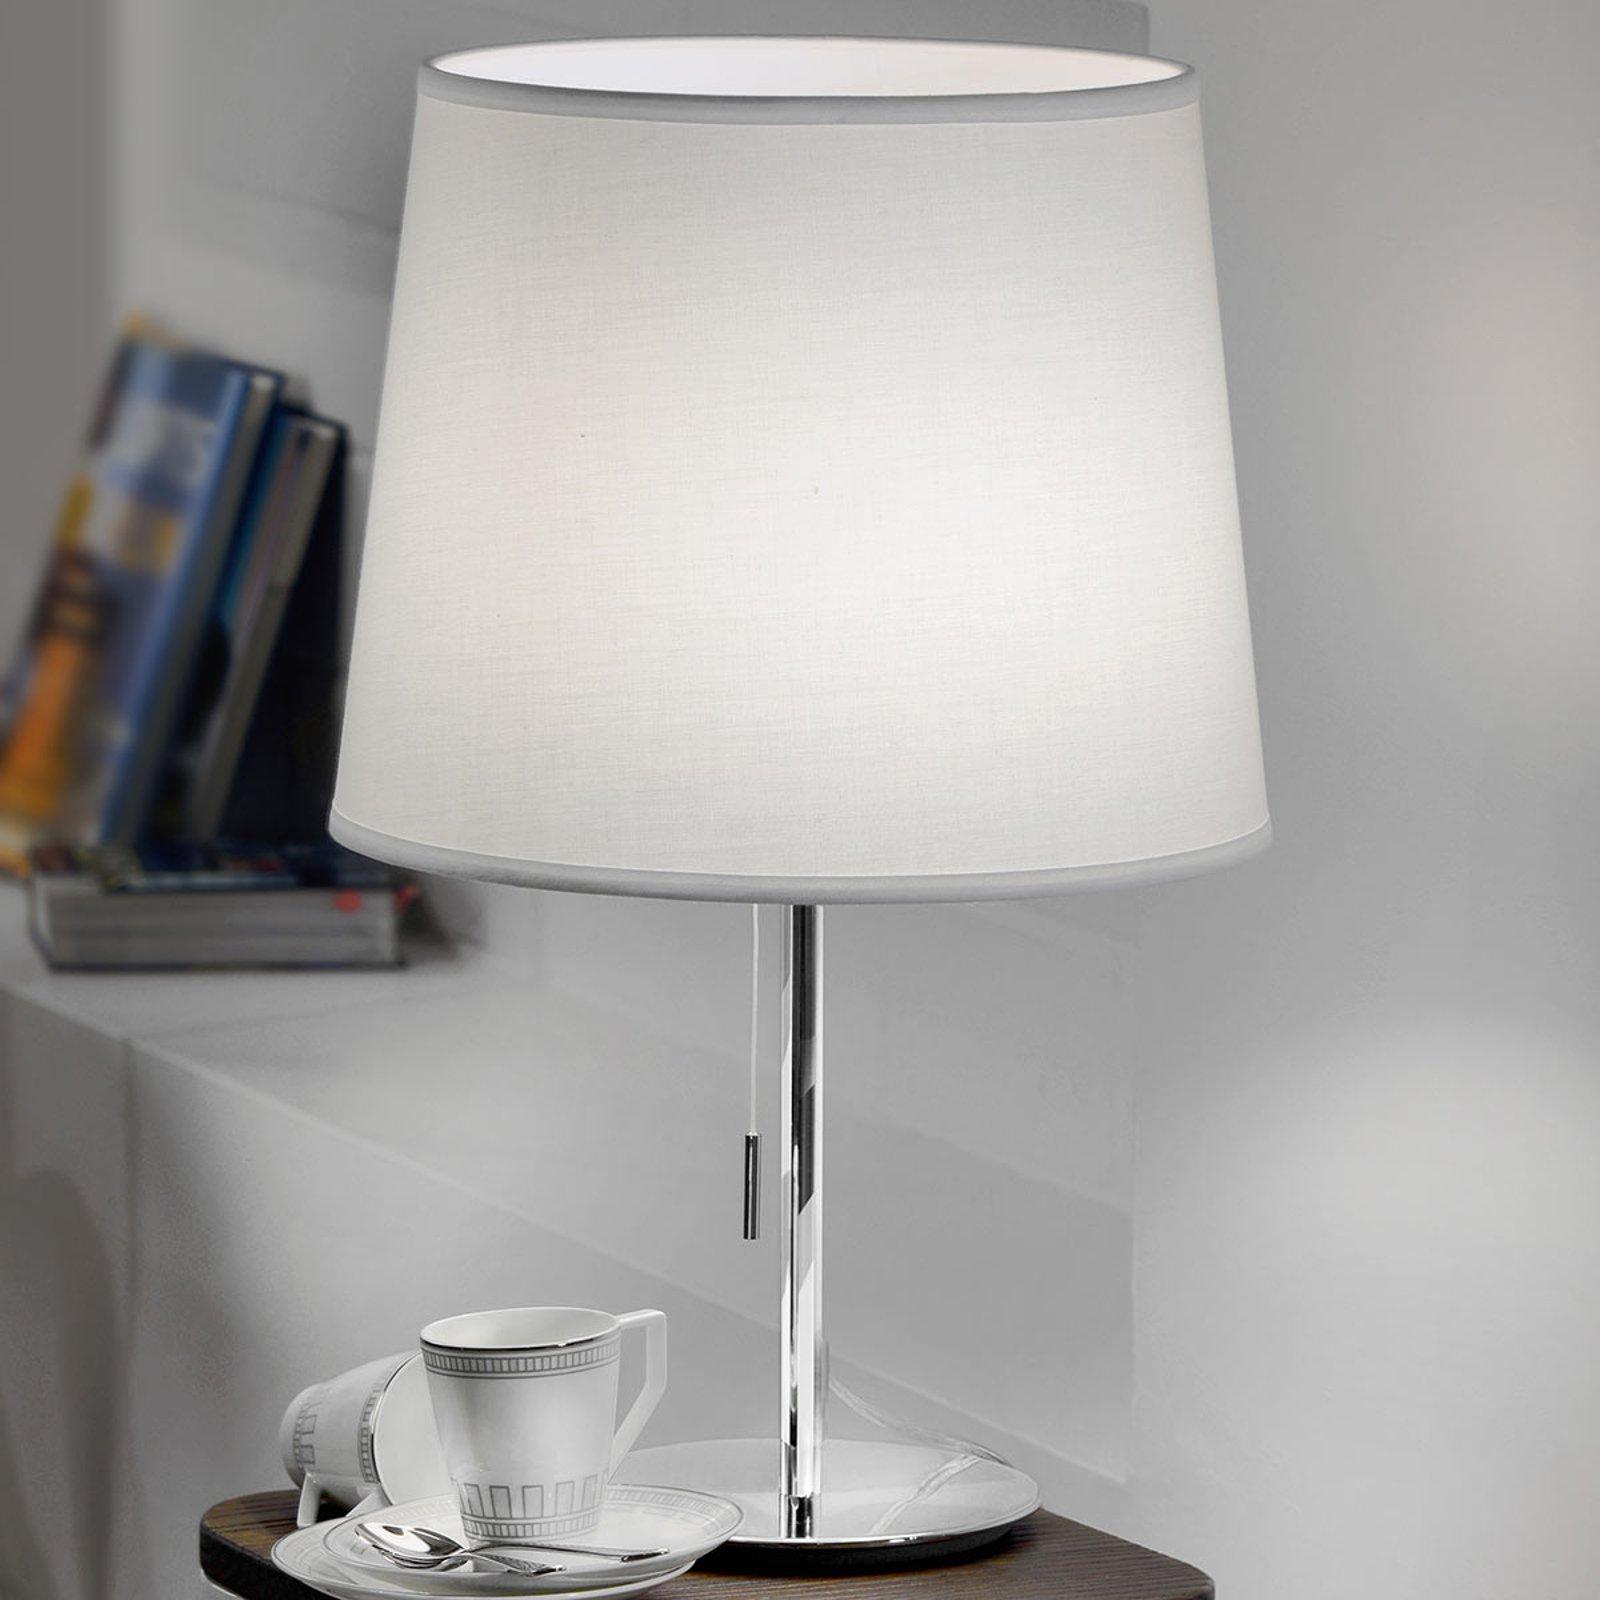 Villeroy & Boch Amsterdam-bordlampe snorbryter